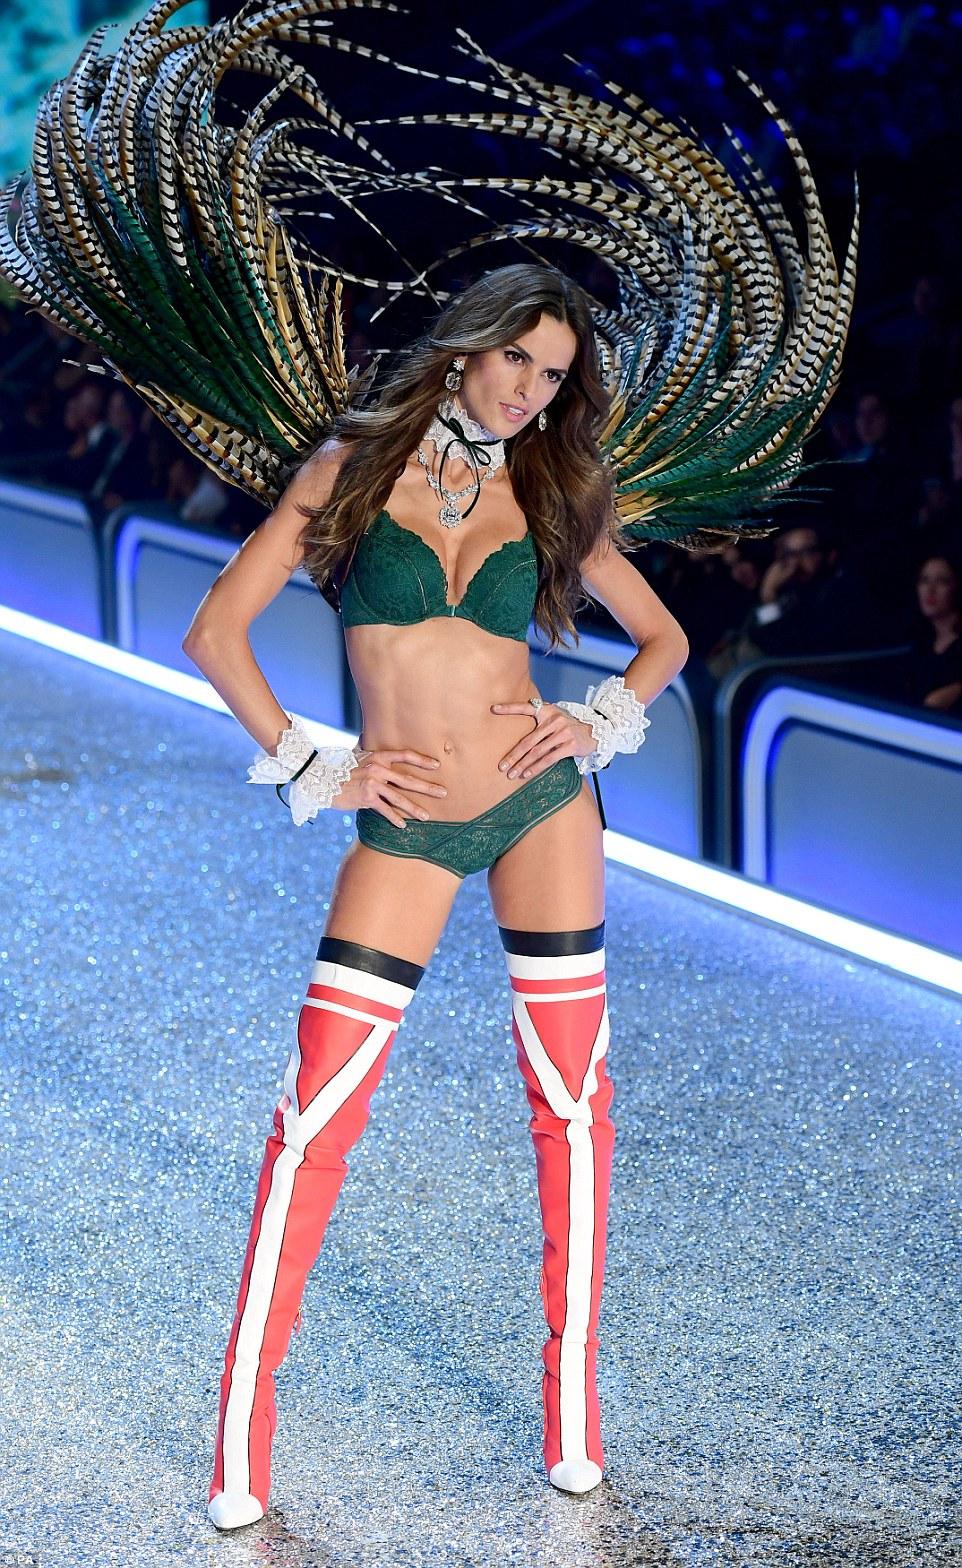 Todos os novos: Ela mudou para um novo conjunto de lingerie em uma cor semelhante e entrou muito atrevido bootse declaração vermelho